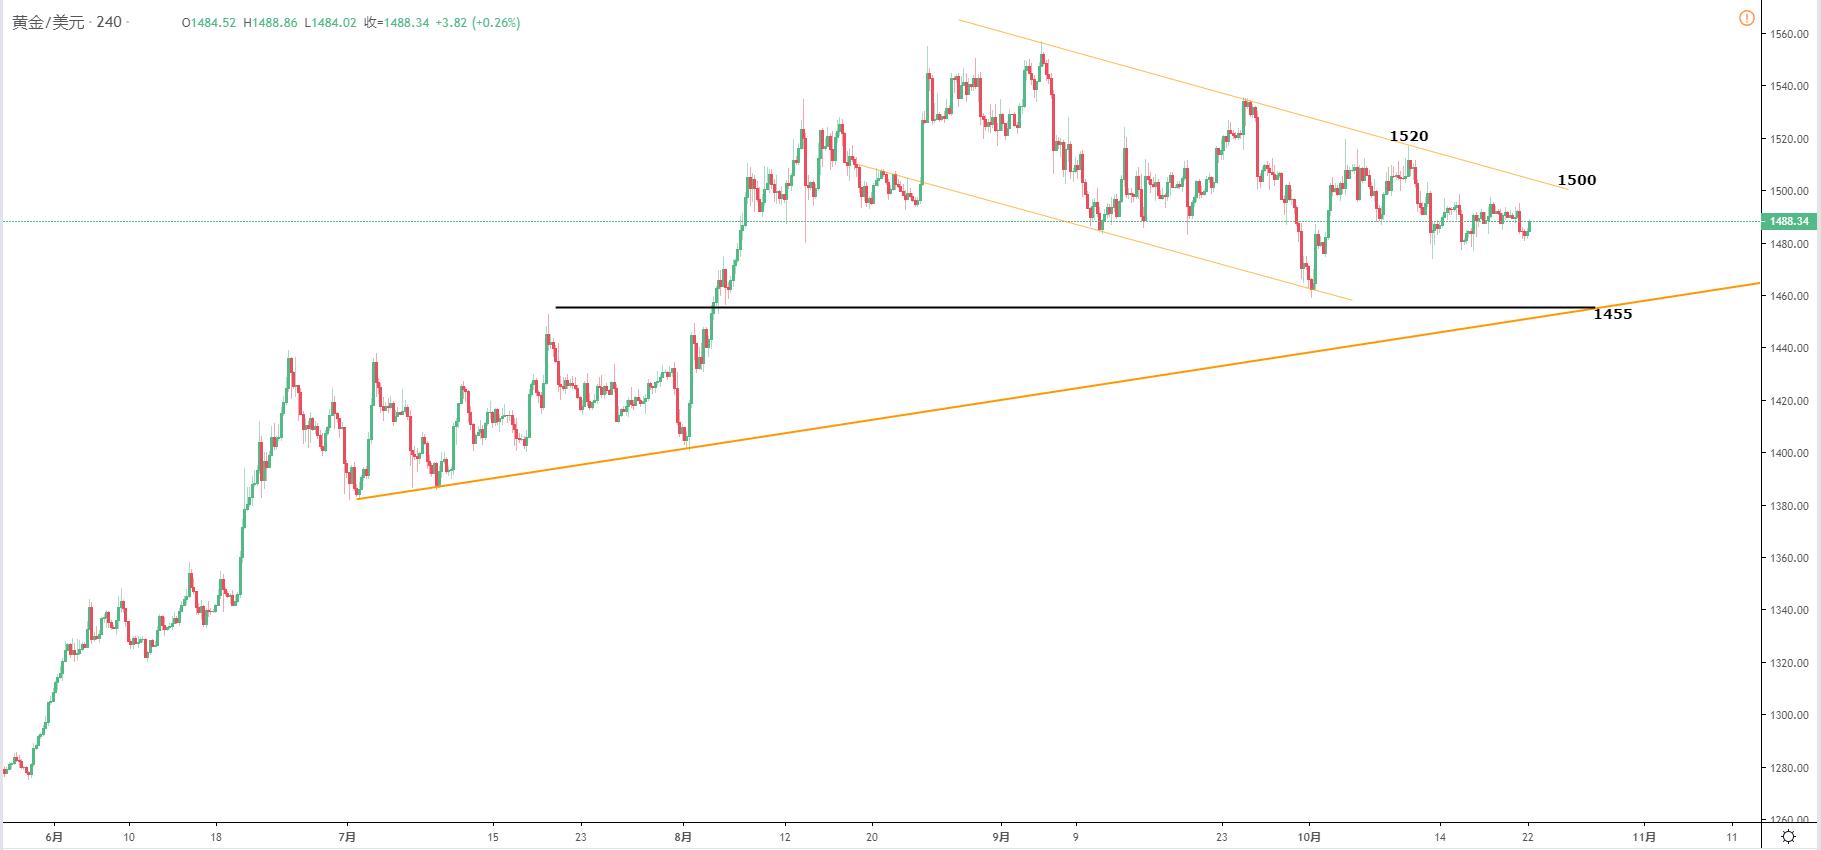 黃金/美元技術分析:關注1500一線爭奪